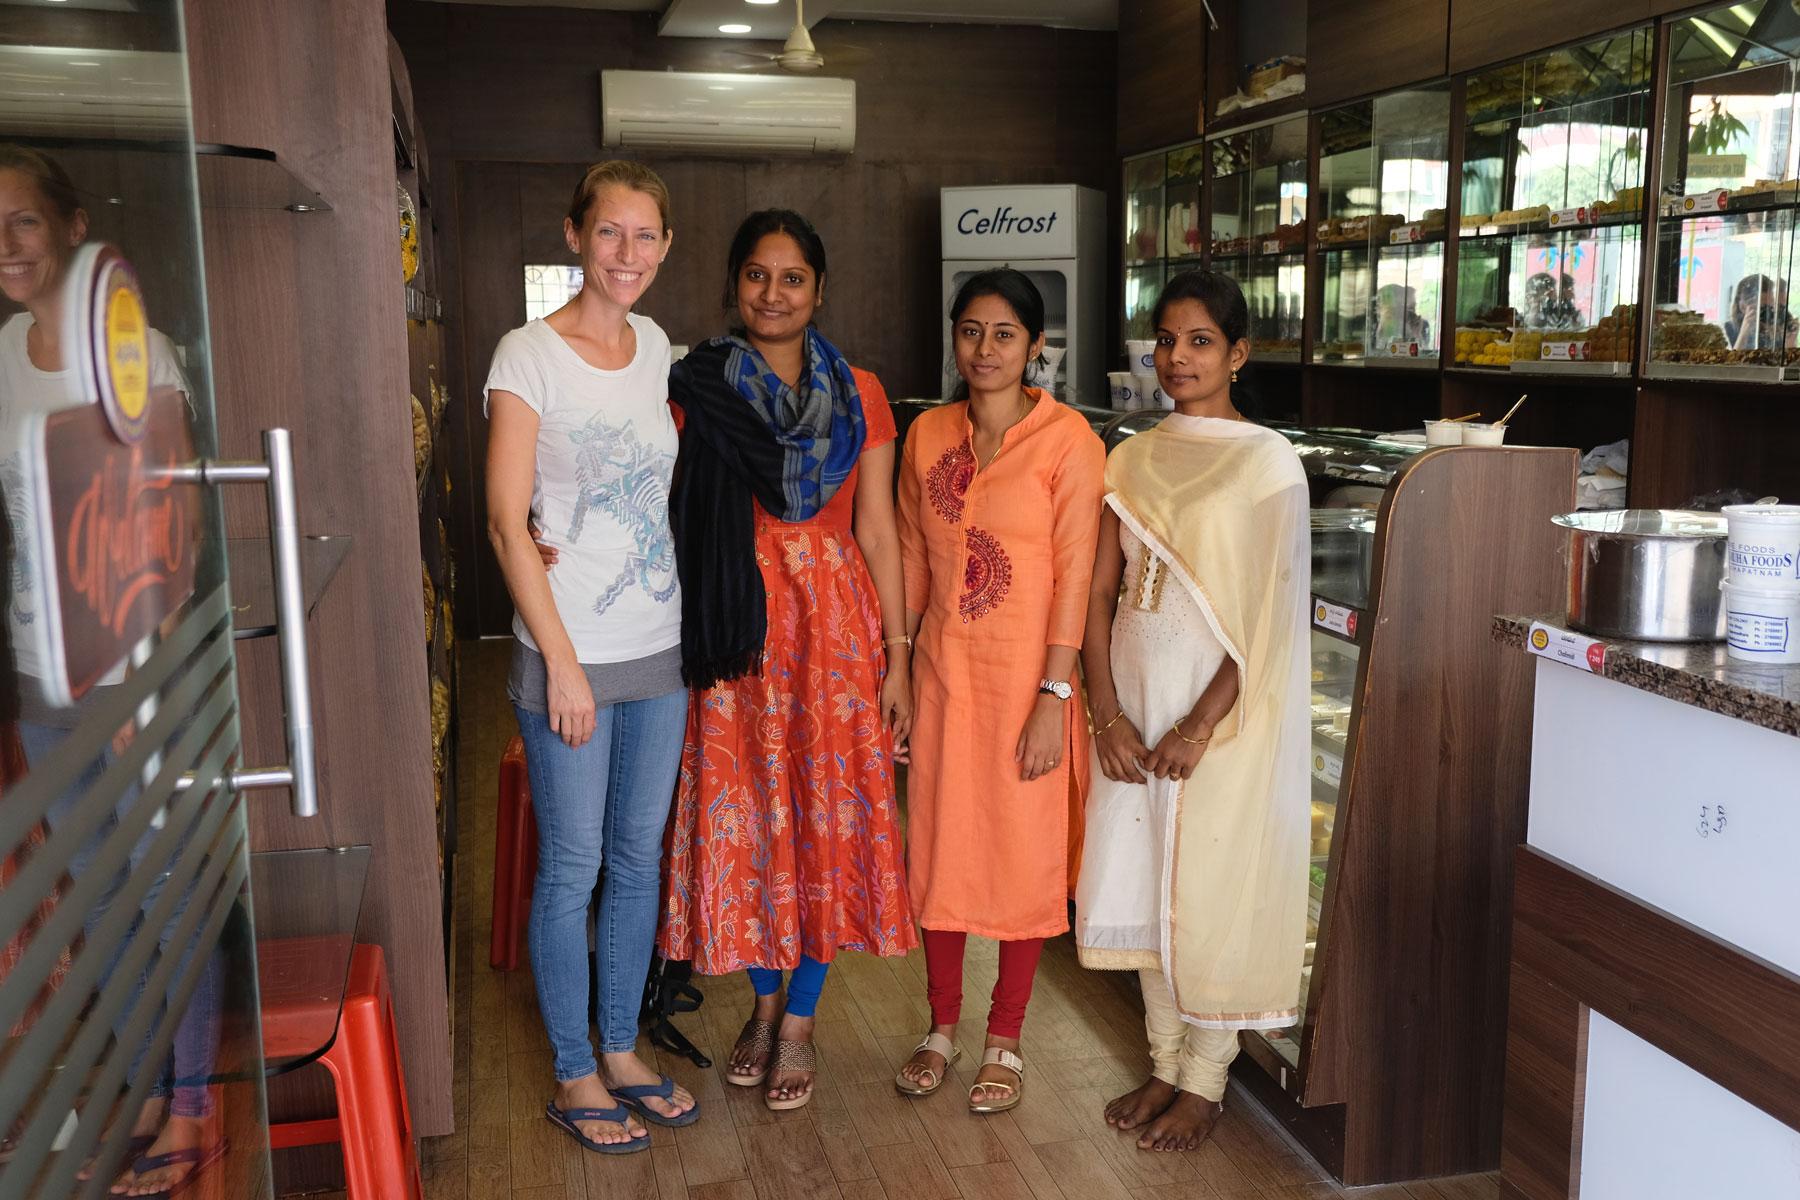 Leo neben drei indischen Frauen in einer Bäckerei in Visakhapatnam.